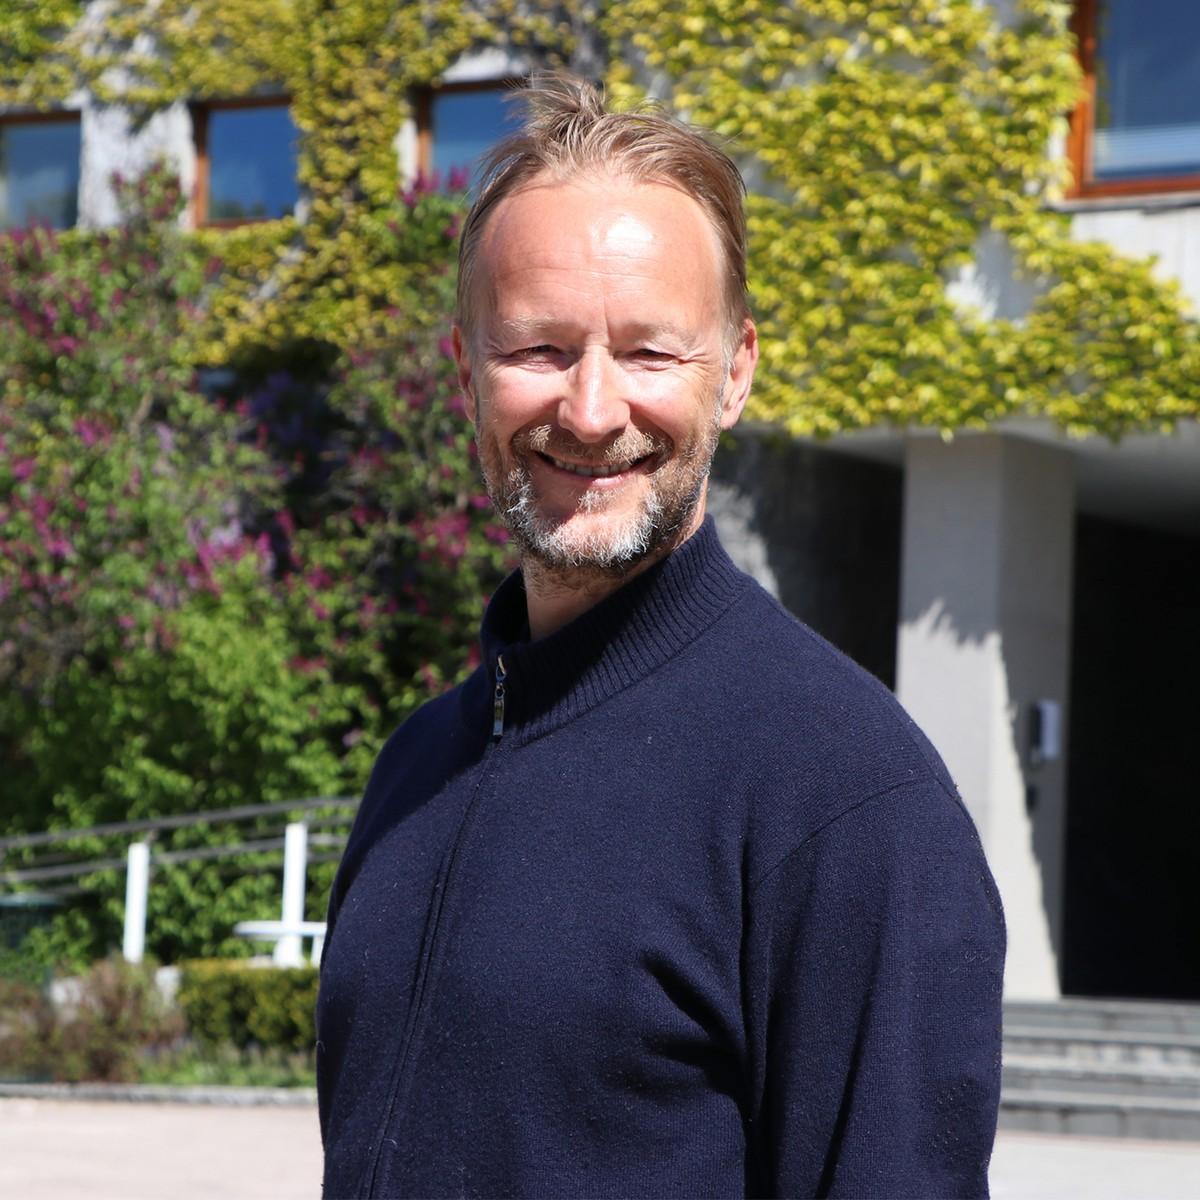 Kjetil Andre Aamodt Blir Programleder I Ny Nrk Satsing Nrk Presse Pressemeldinger Bilder Og Kontaktinformasjon